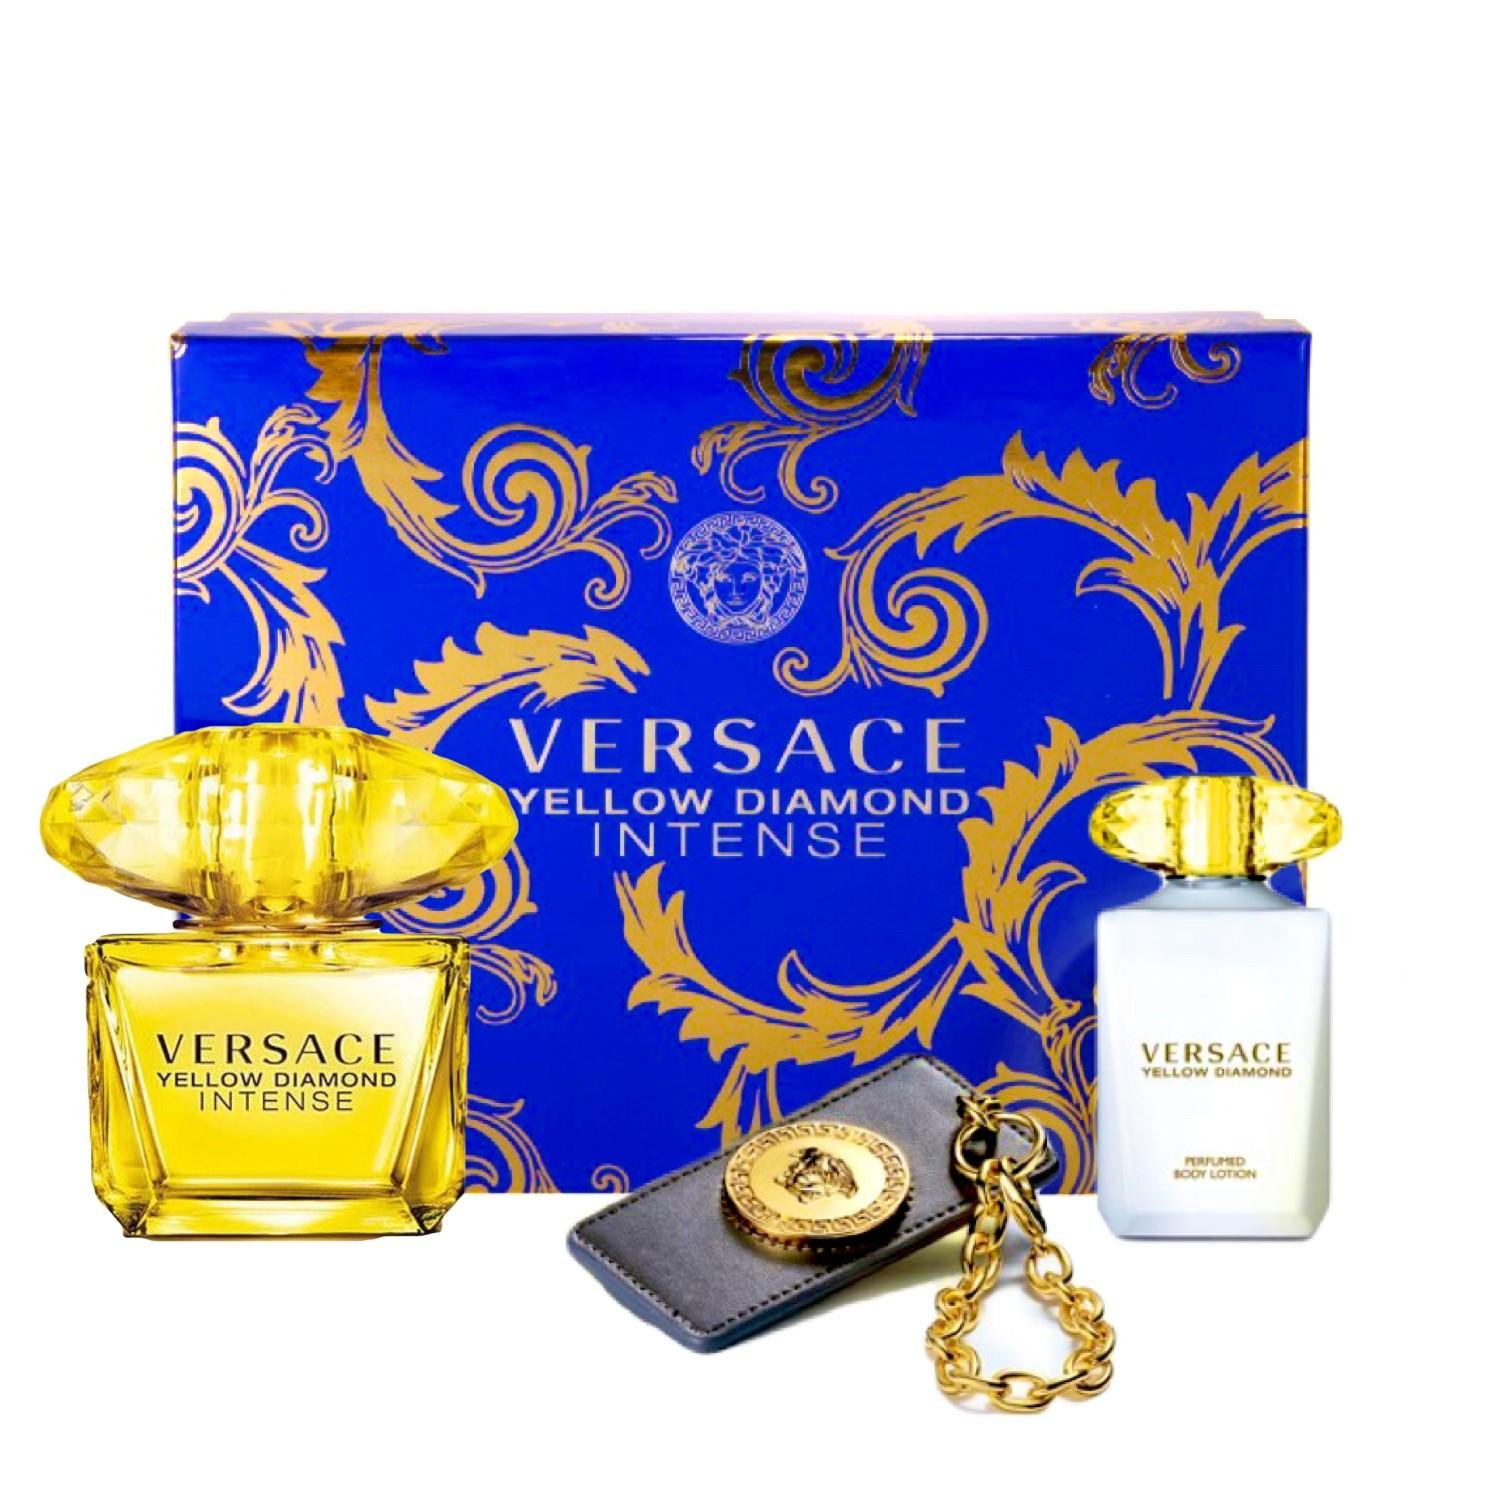 Versace Yellow Diamond Intense, Dárková sada, parfémovaná voda 90ml + tělové mléko 100ml + cestovní visačka, Dámska vôňa, + AKCE: dárek zdarma